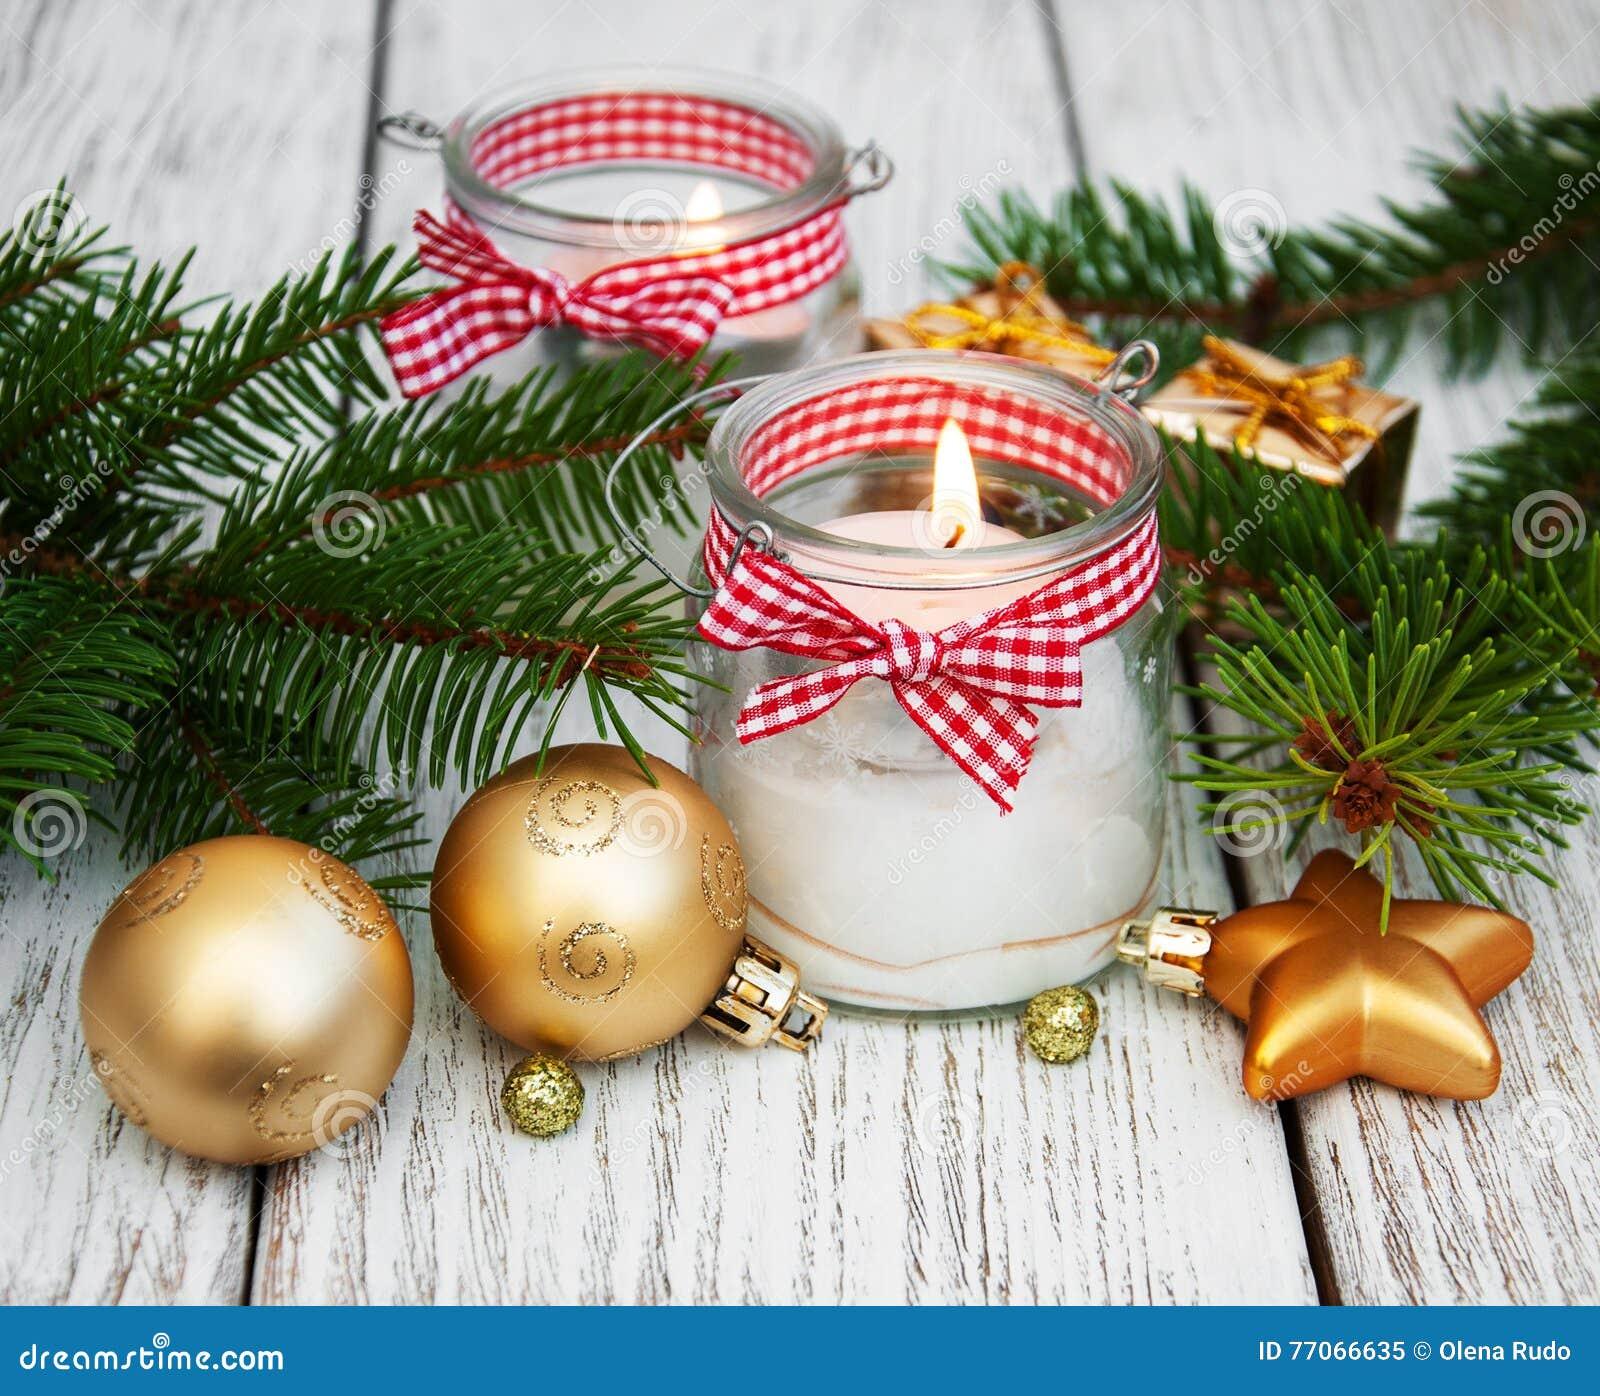 Candele delle decorazioni di natale in barattoli di vetro - Decorazioni natalizie in vetro ...